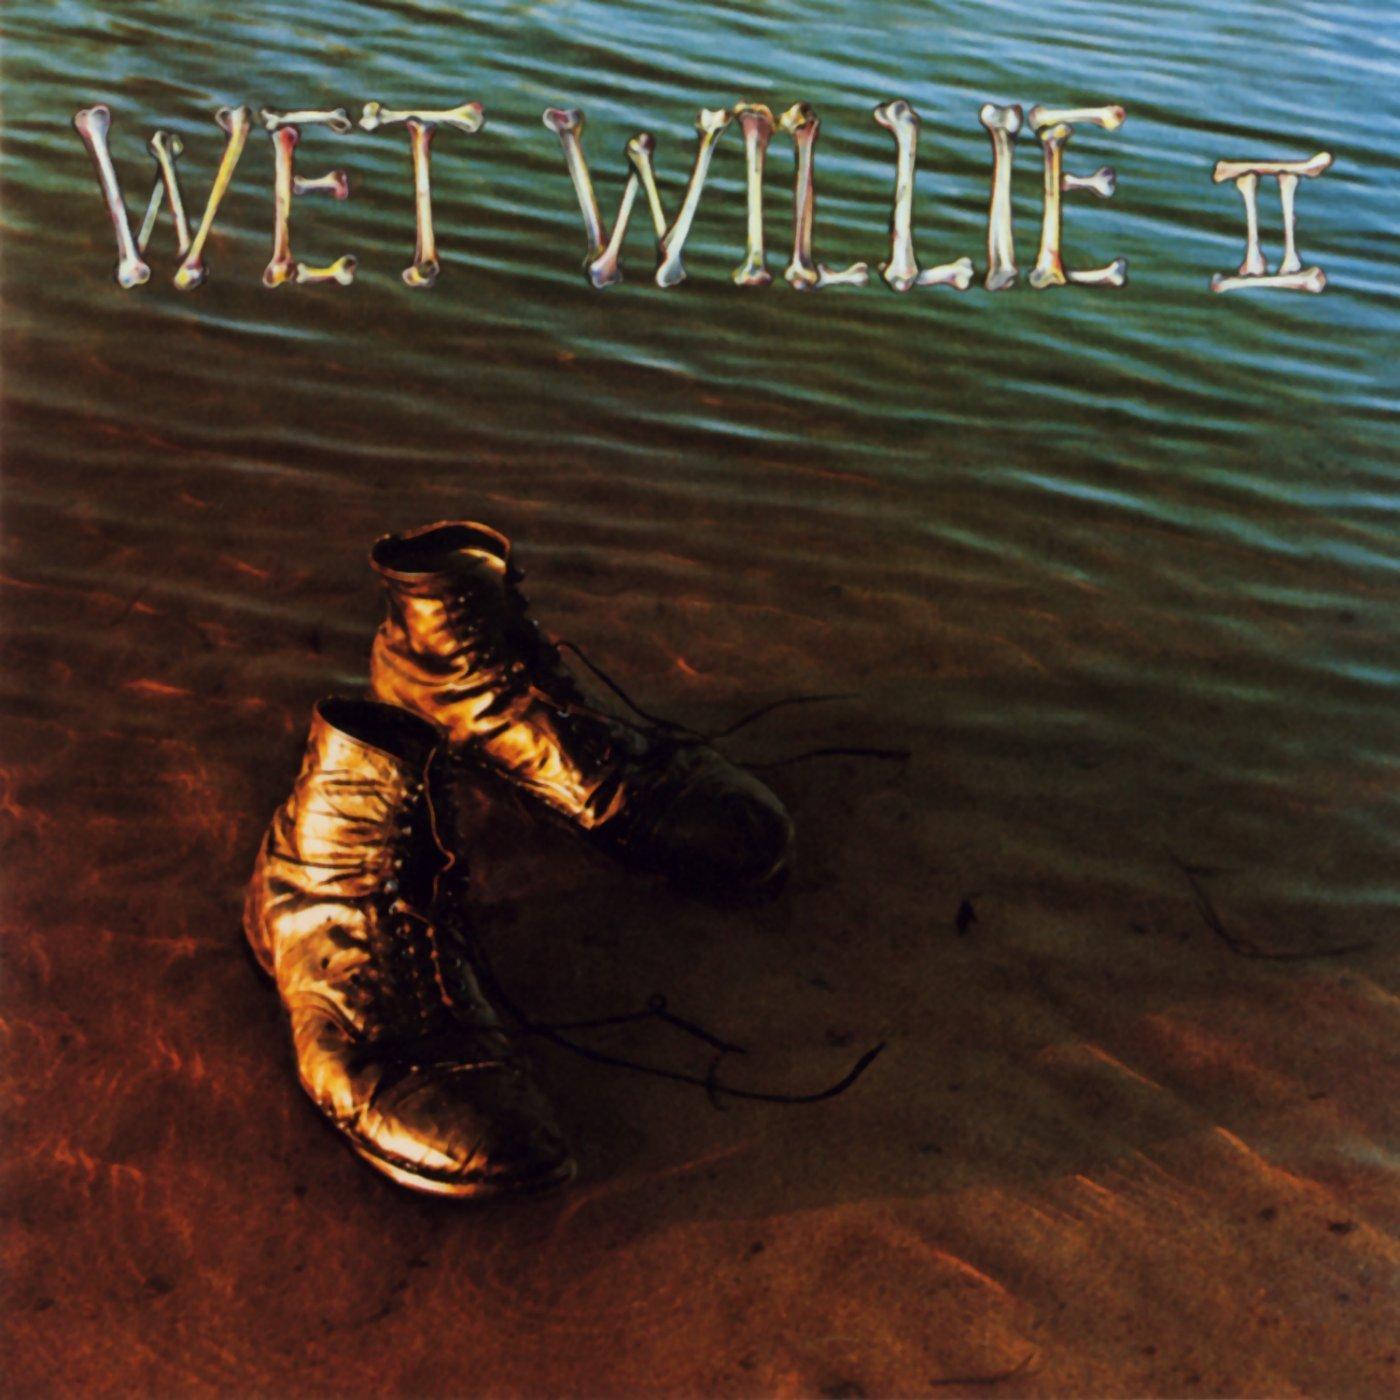 Wet Willie II